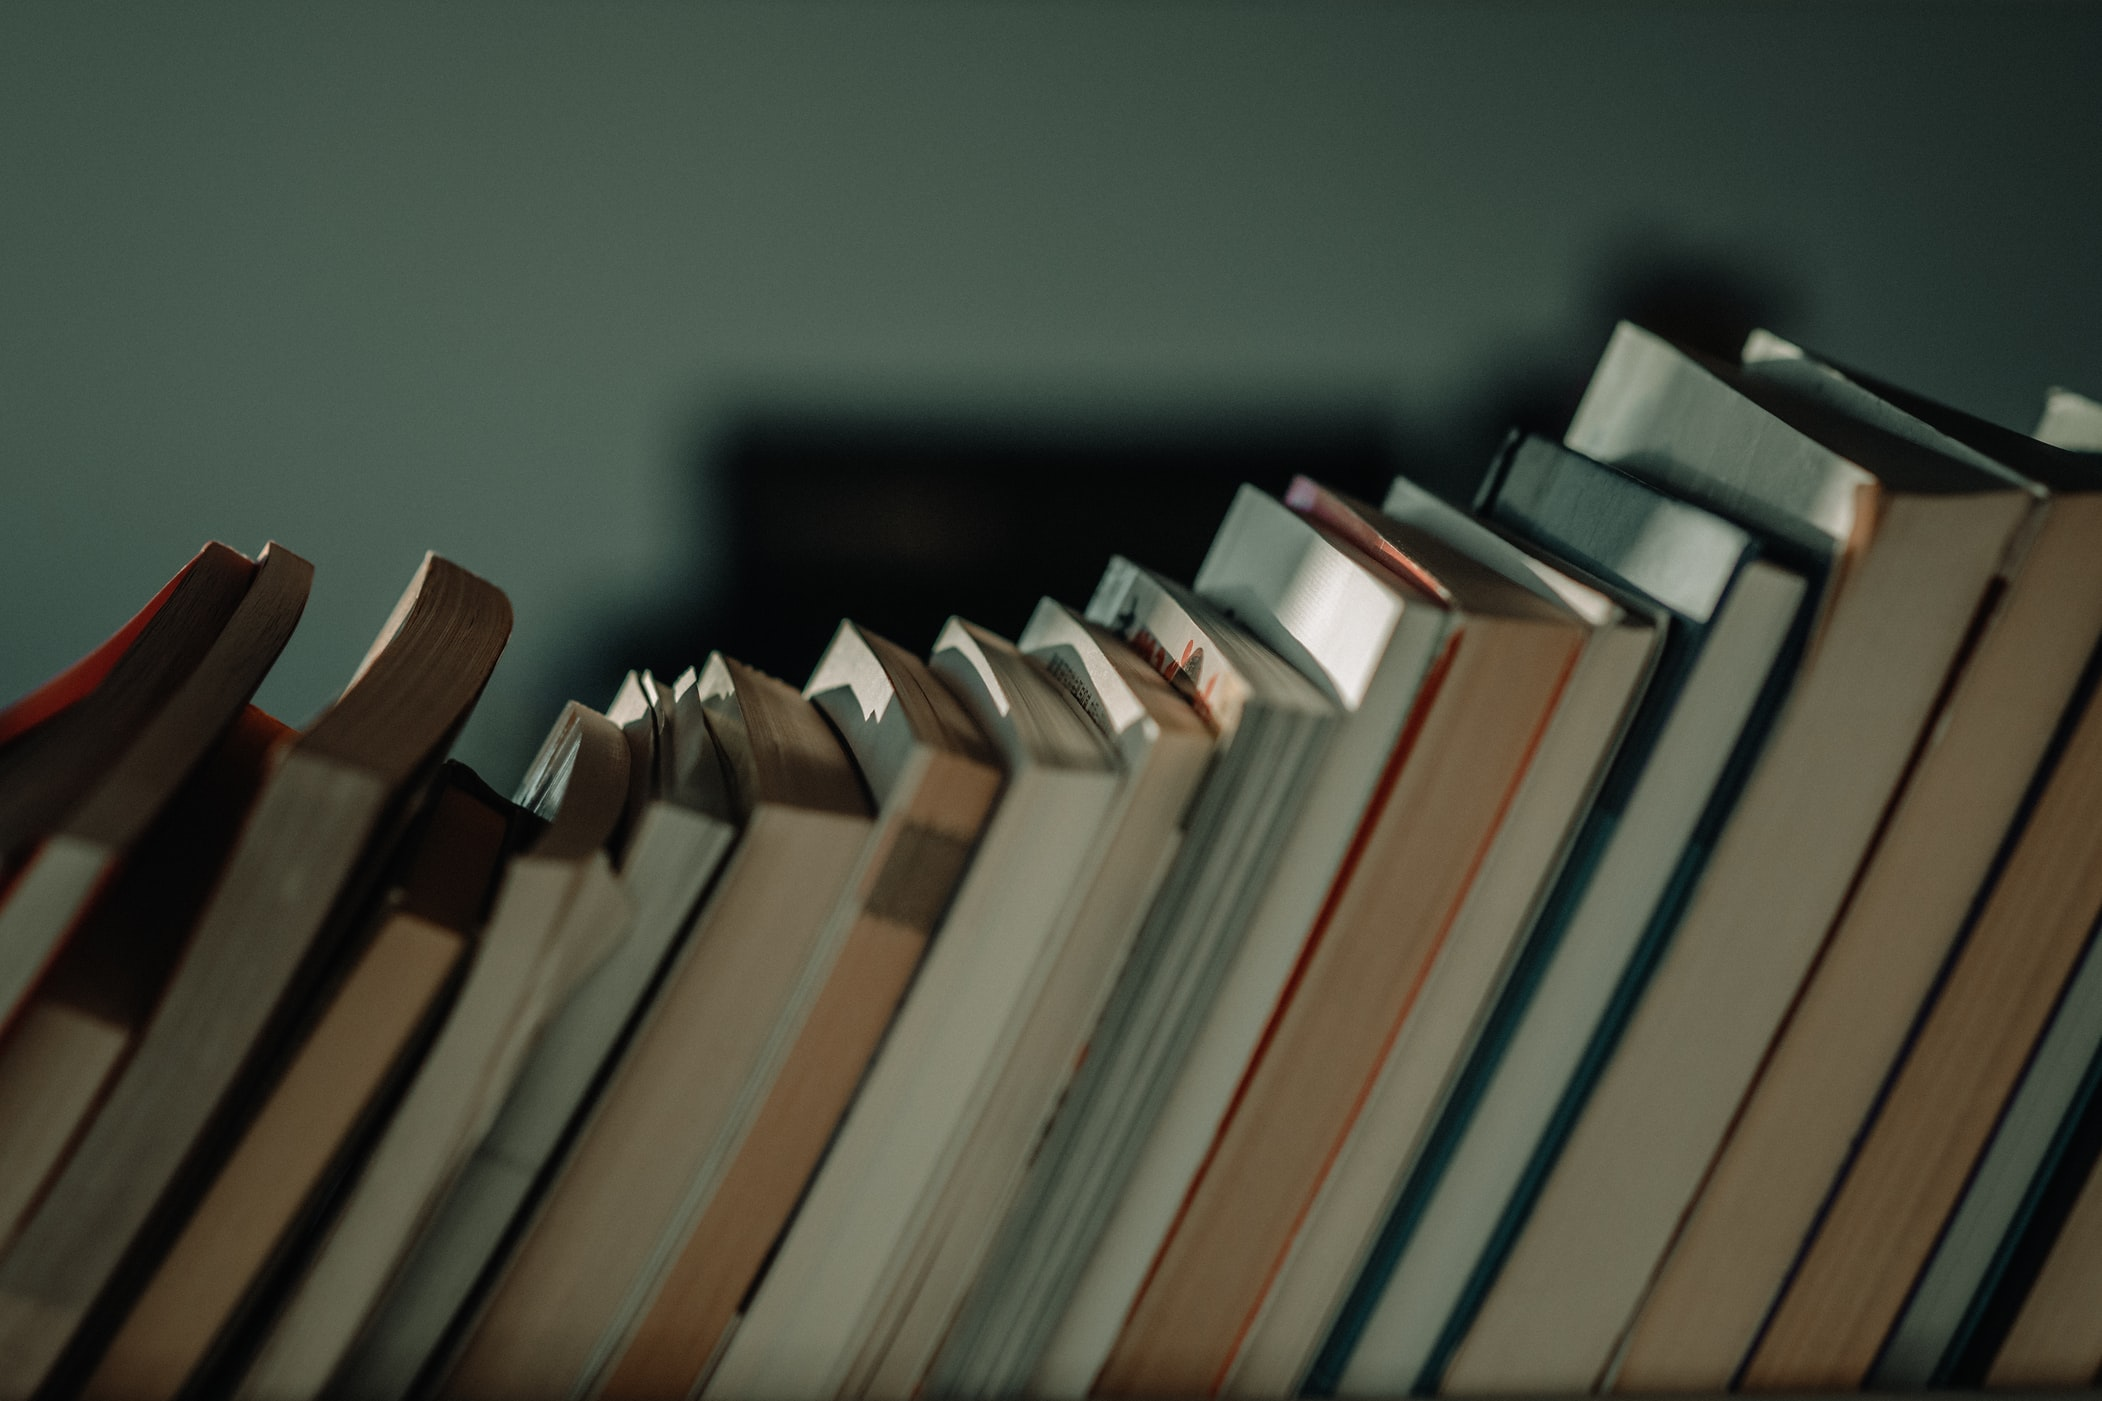 現代文の評論文の得点を上げるための効果的な勉強法『背景知識の把握』